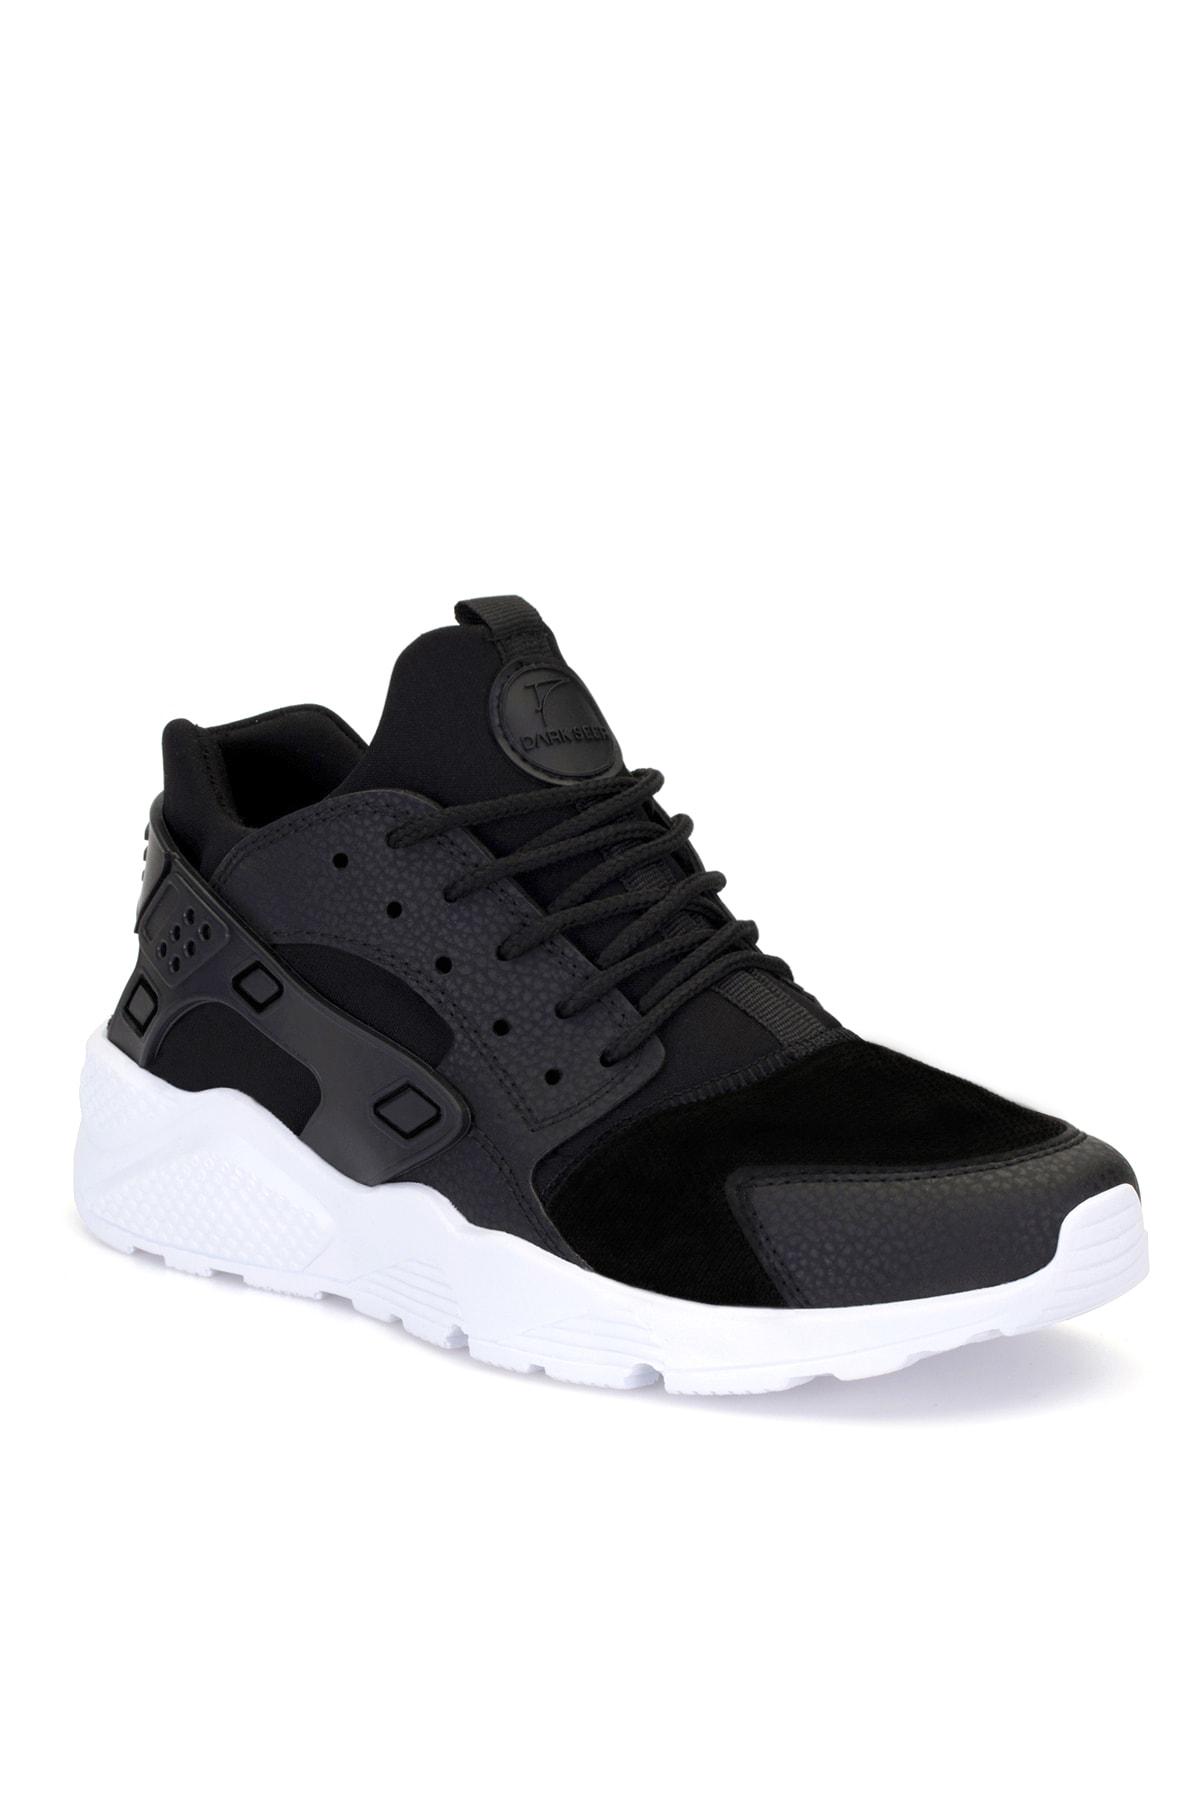 DARK SEER Unisex Siyah Bağcıklı Sneaker HR1.DS 1